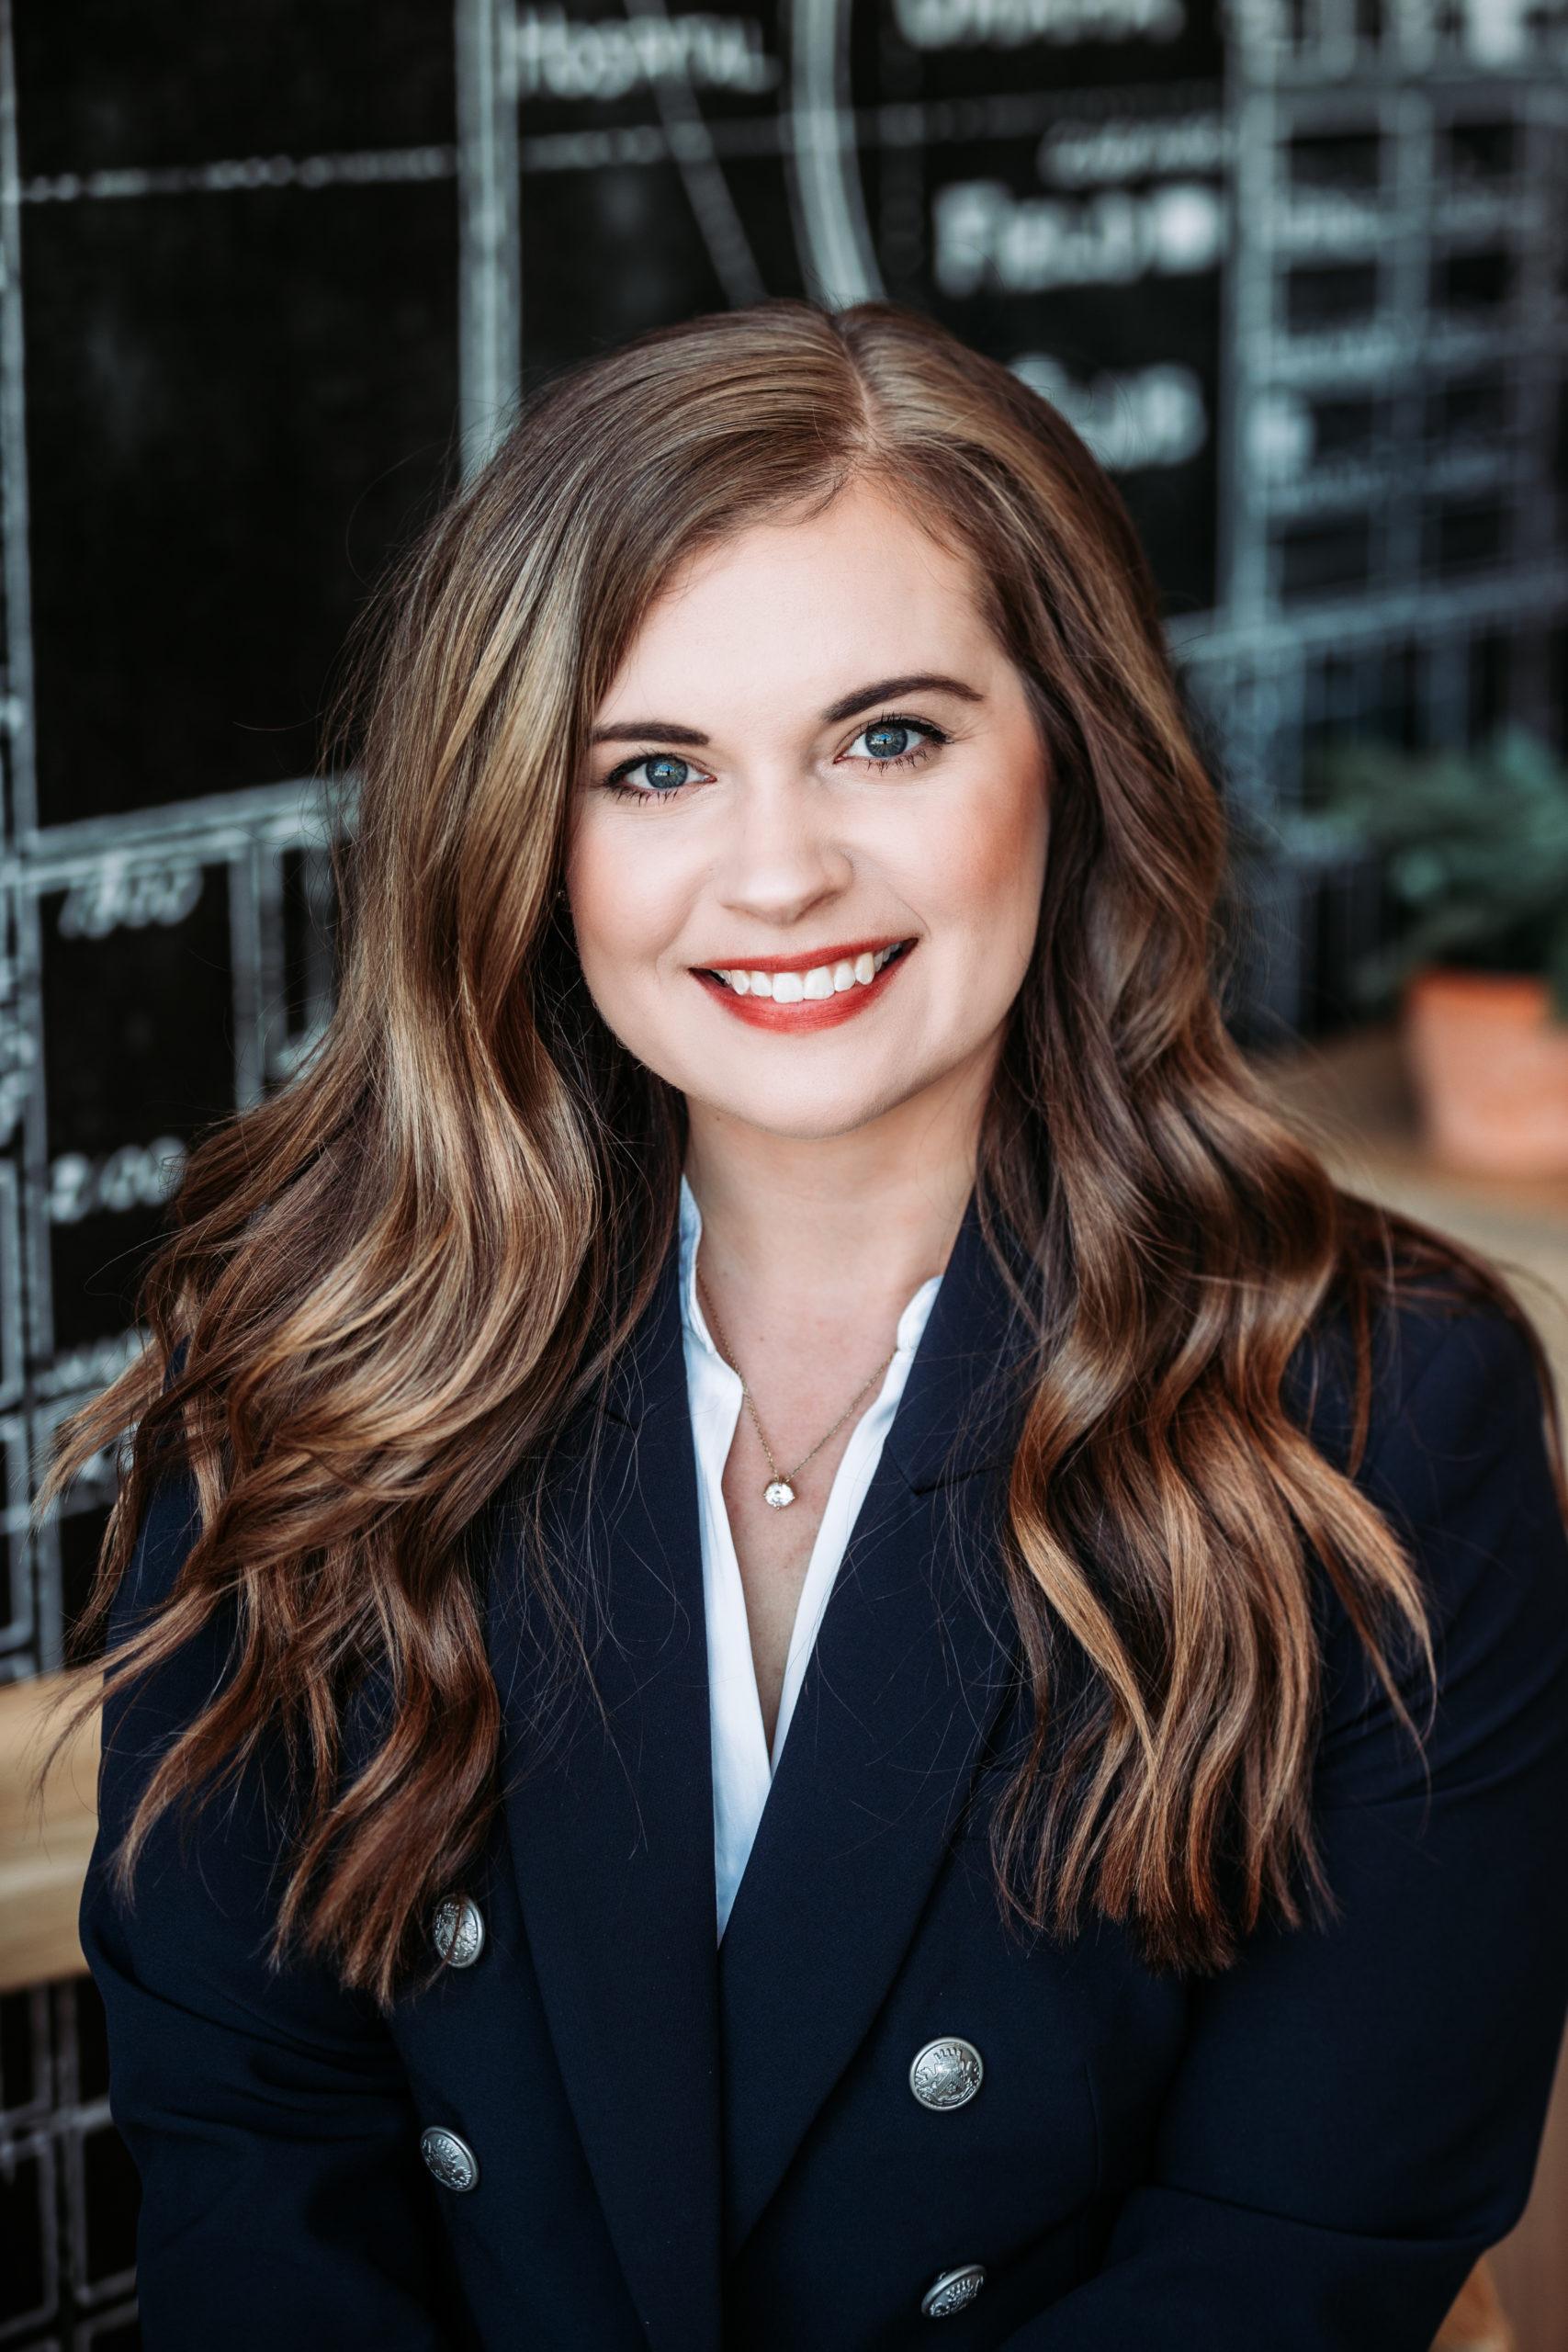 Hannah Juracek